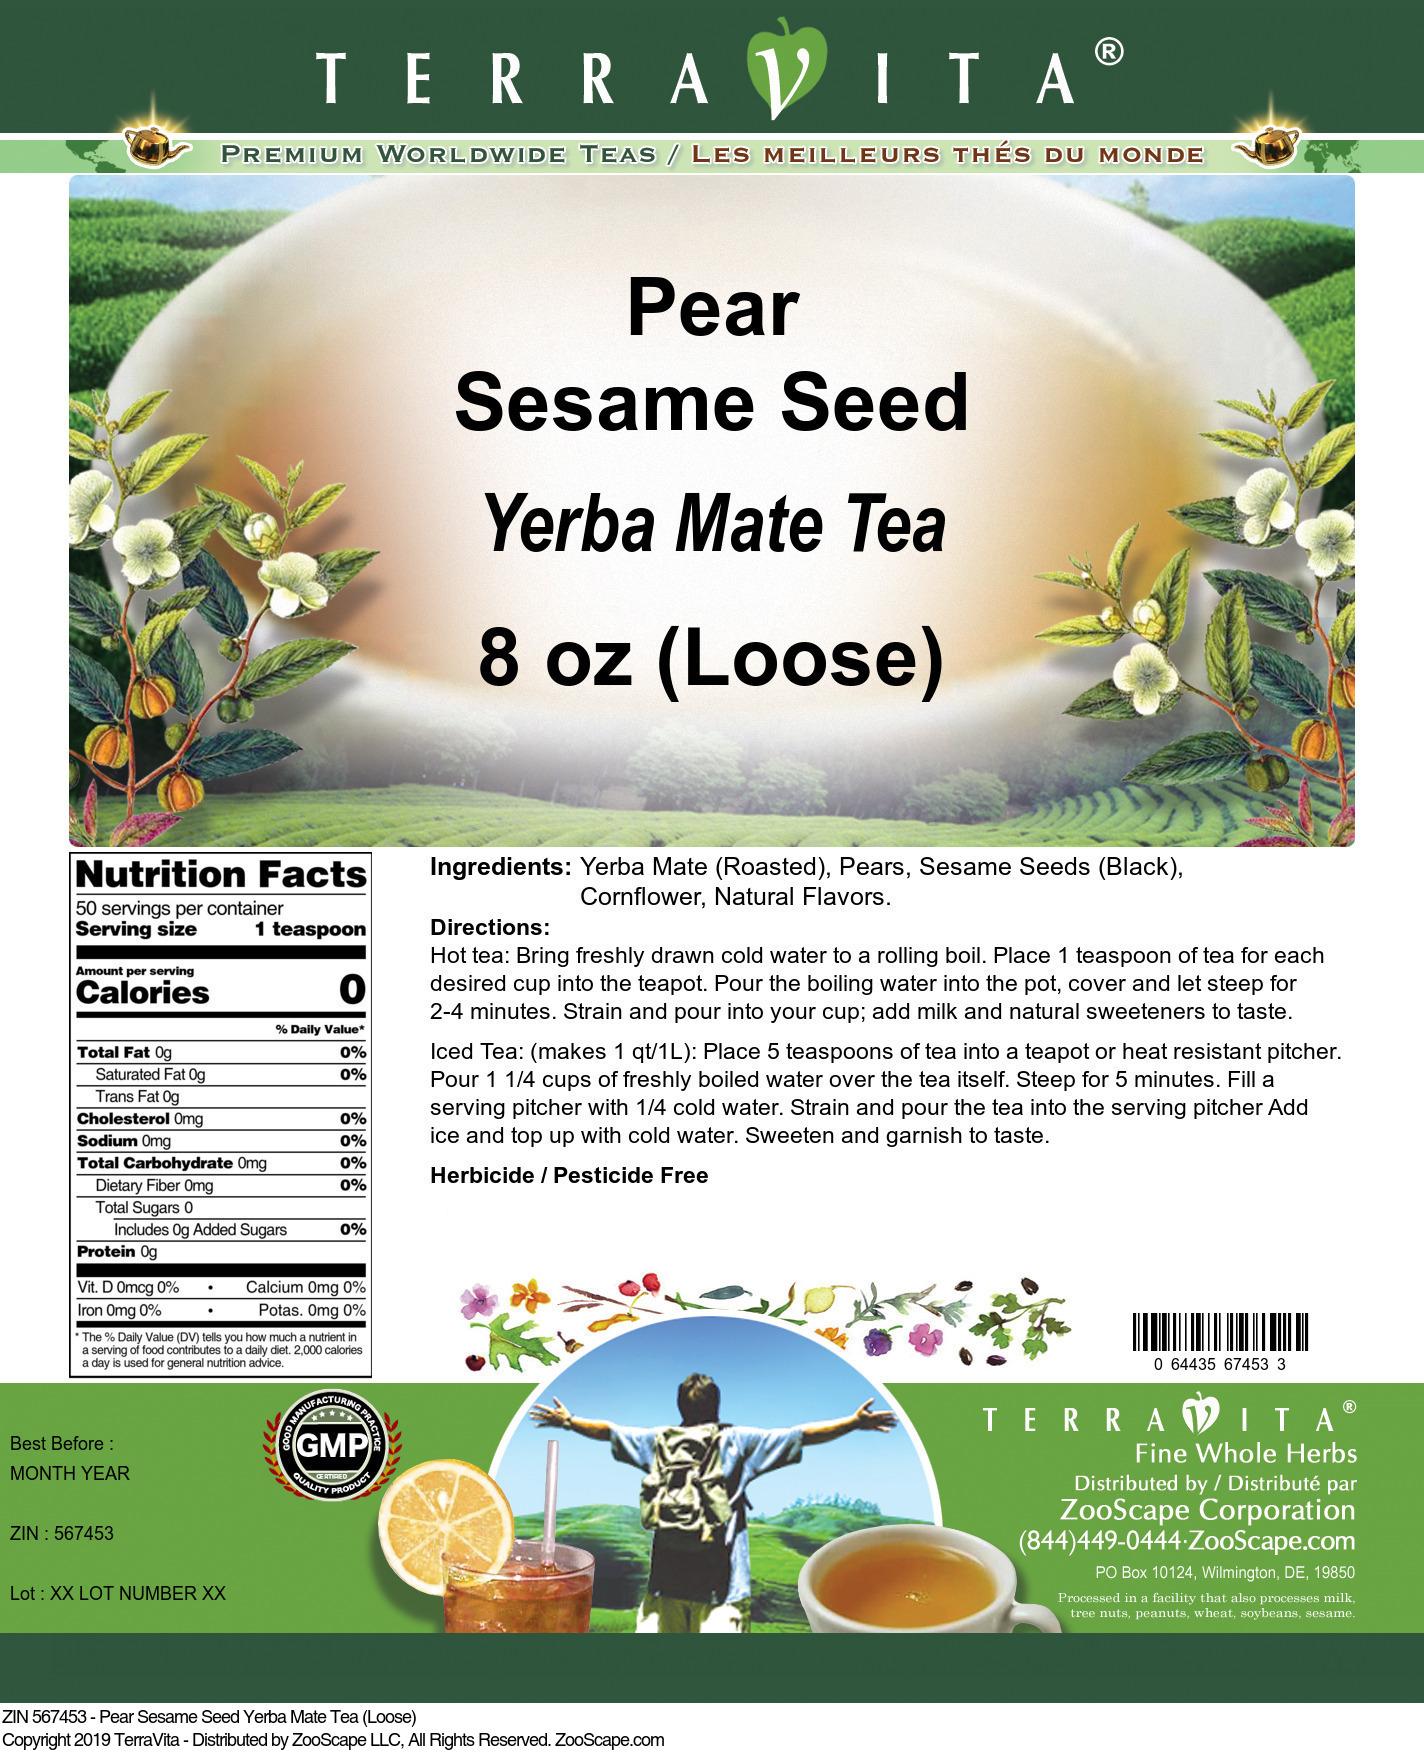 Pear Sesame Seed Yerba Mate Tea (Loose)